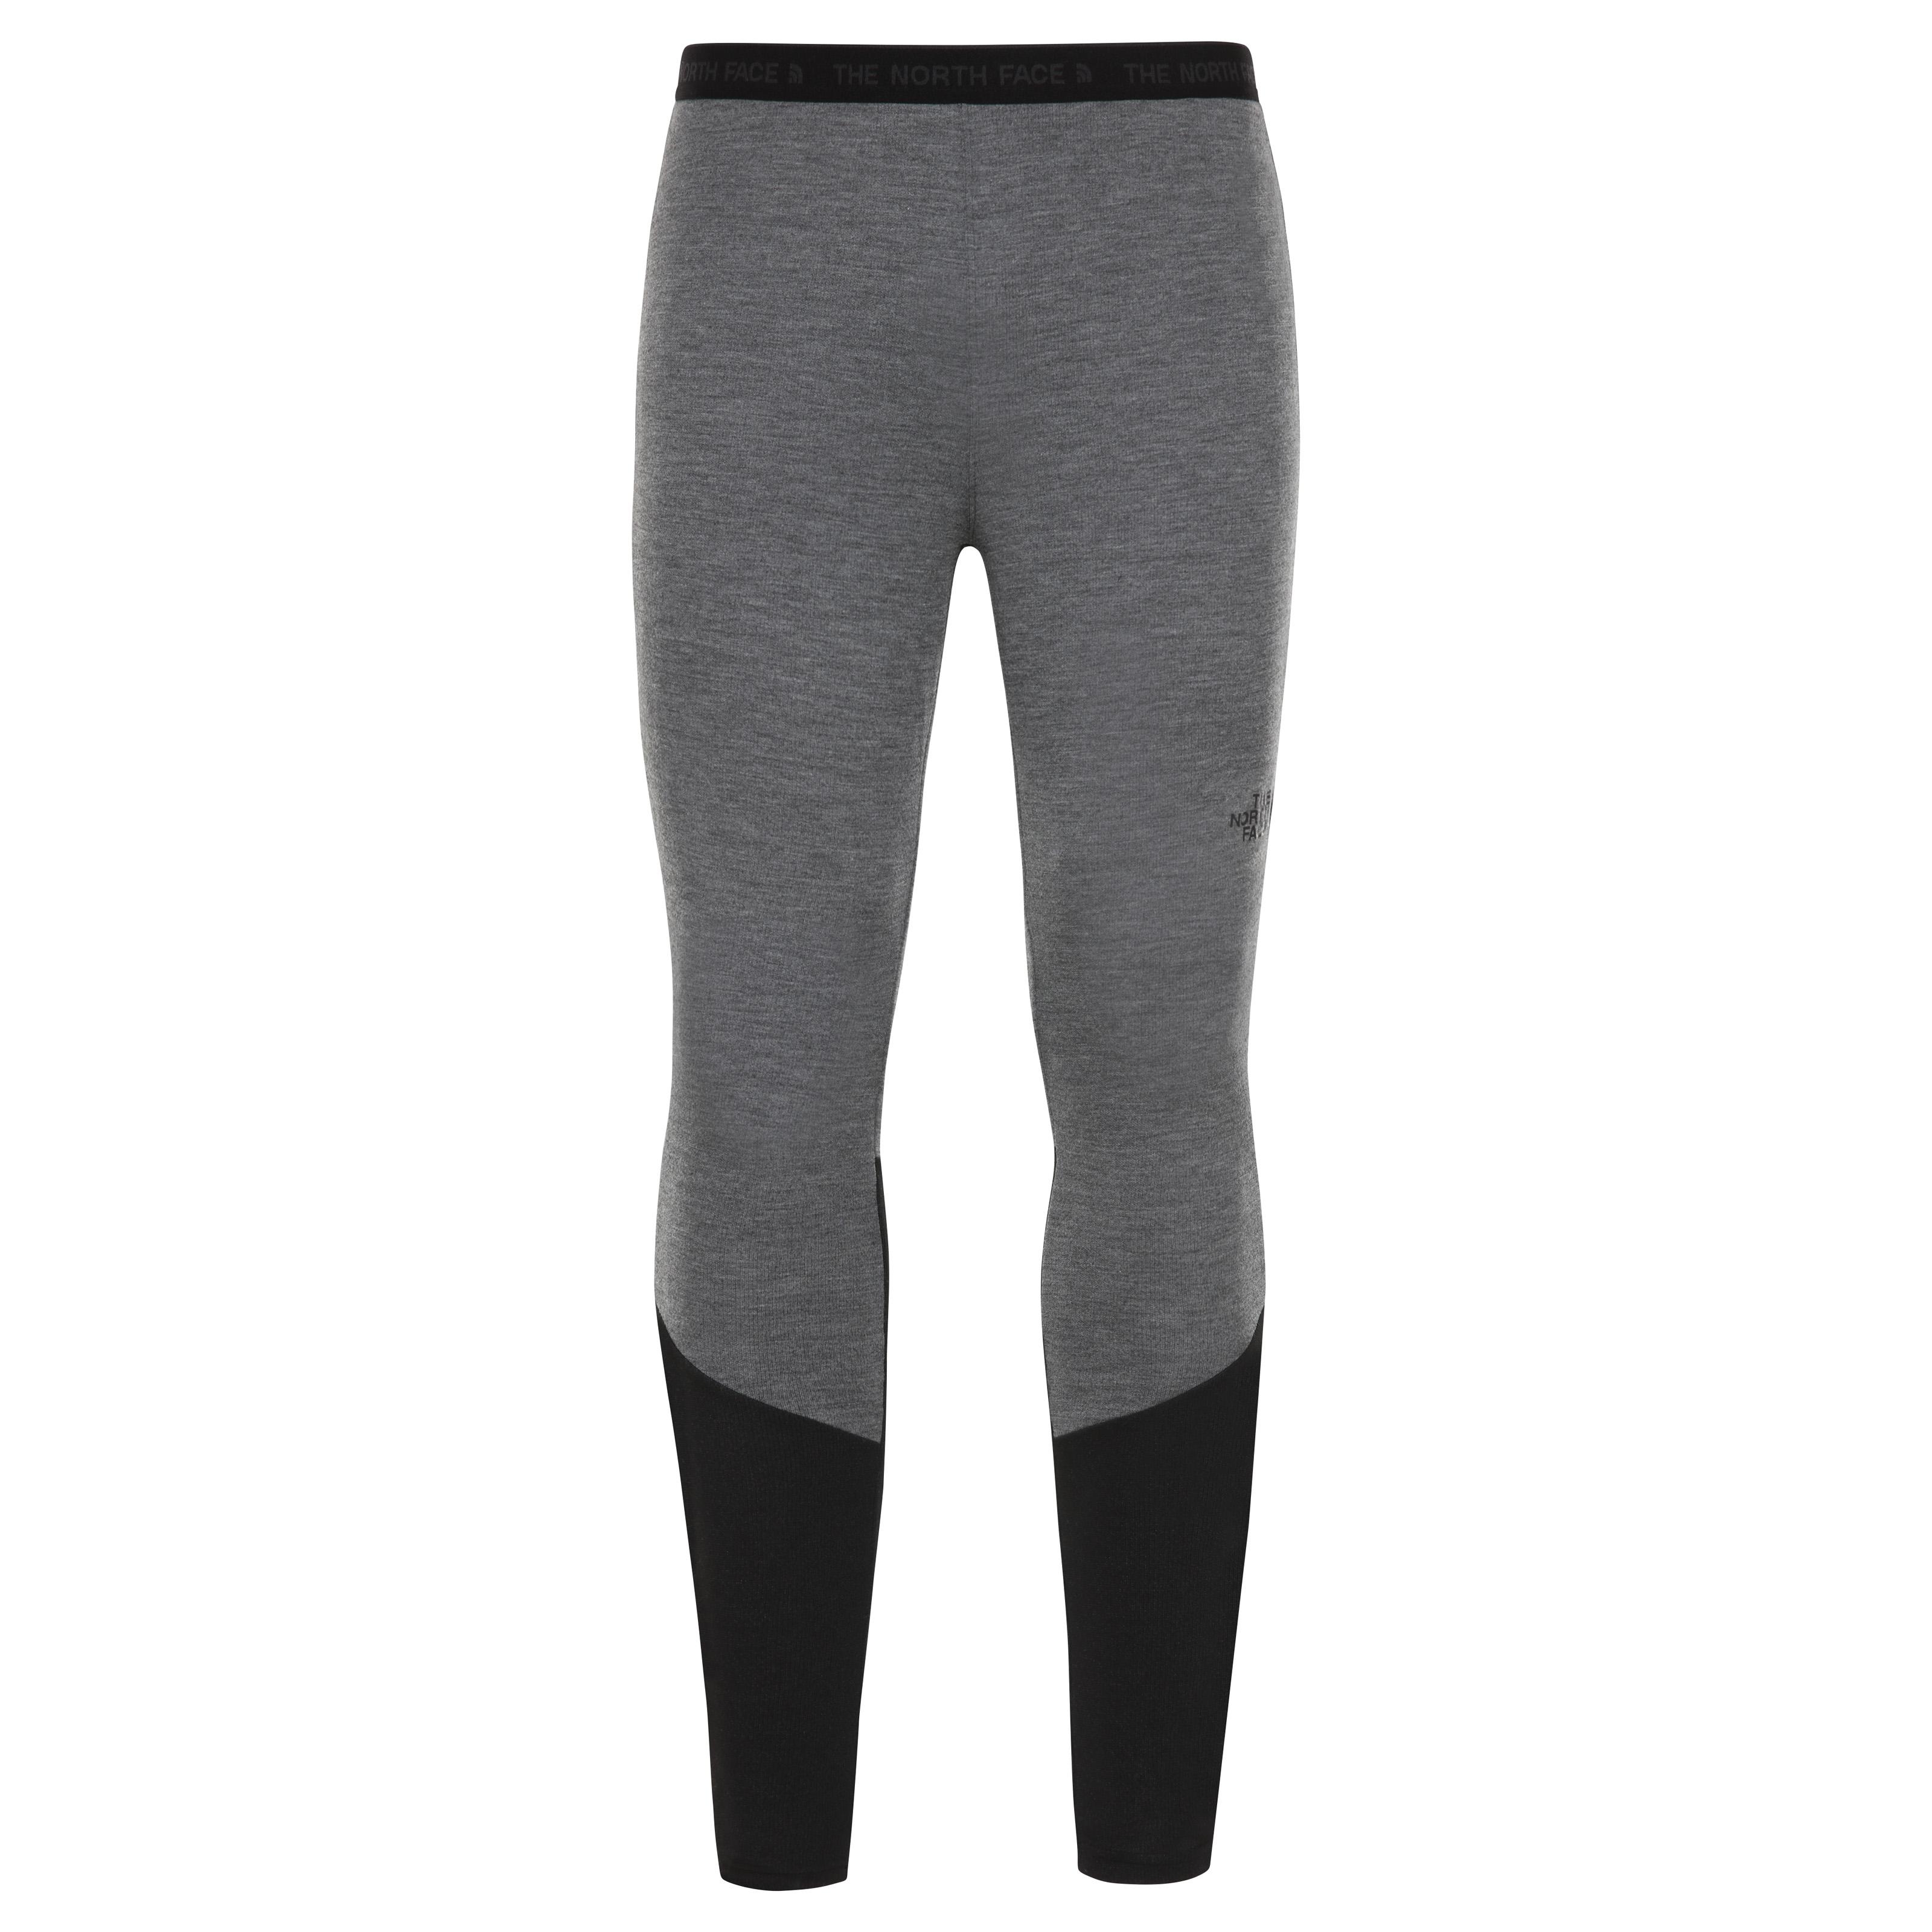 The North Face pánské funkční prádlo PÁNSKÉ FUNKČNÍ SPODNÍ PRÁDLO EASY